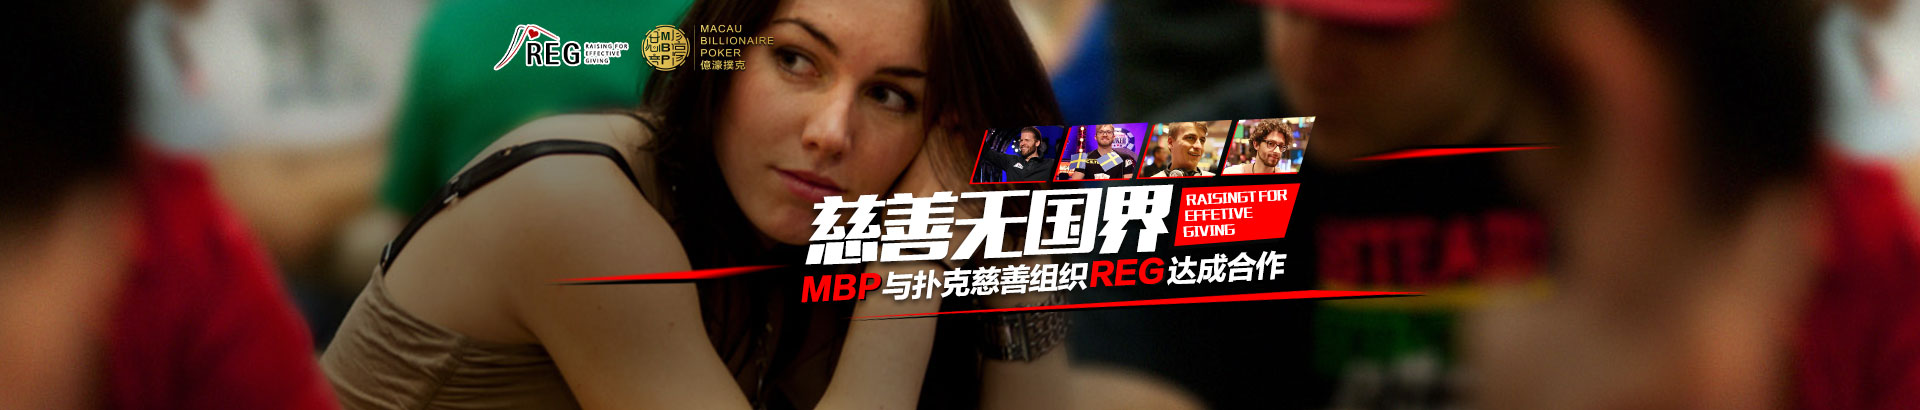 共筑慈善蓝天:MBP与扑克慈善组织REG达成合作伙伴关系